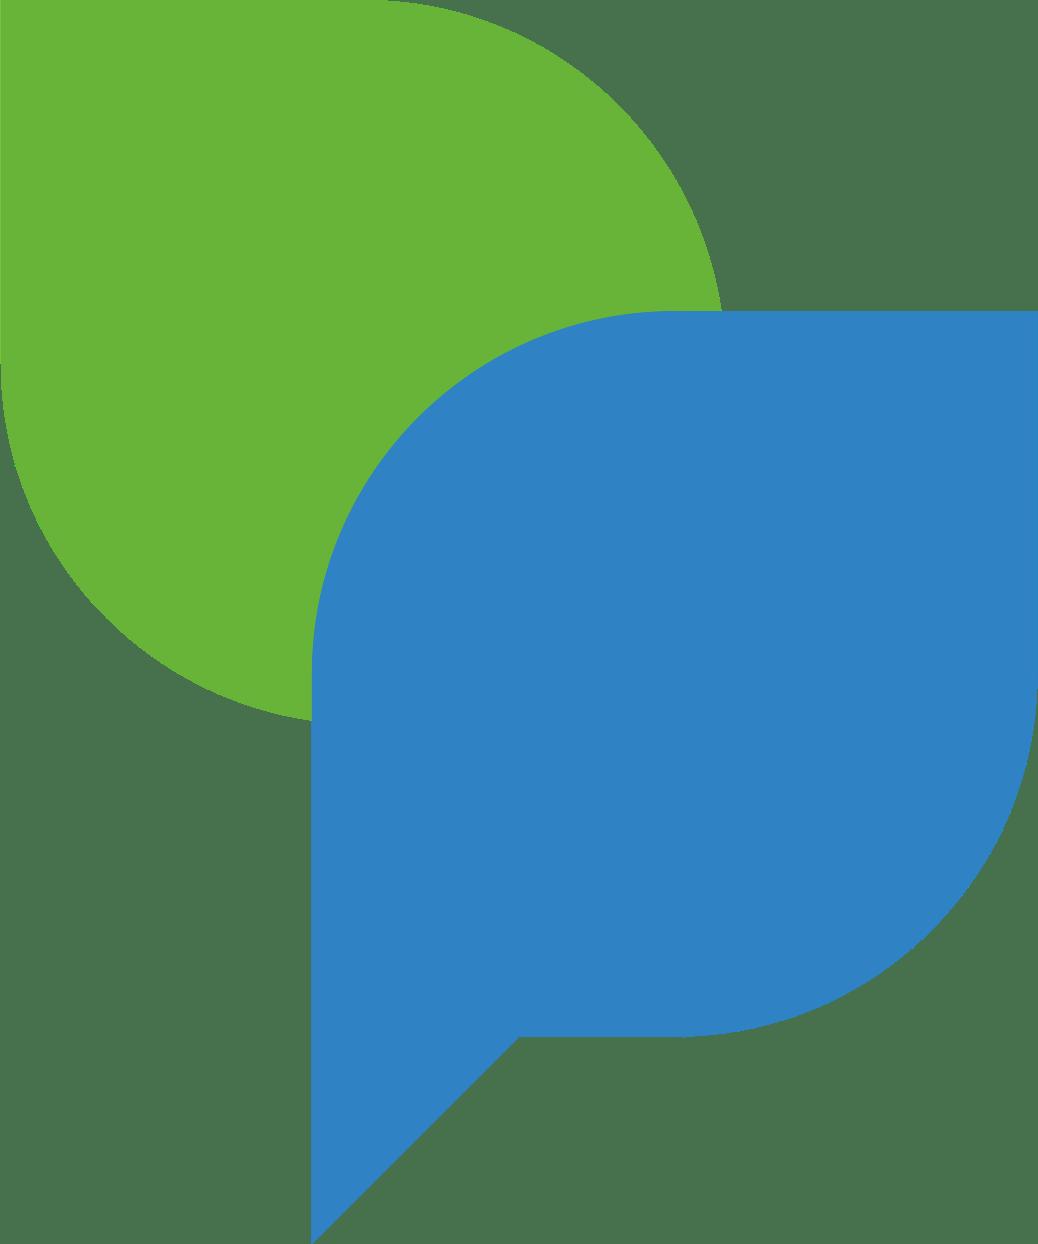 Ärztenetzwerk coliquio - Die medizinische Online-Community